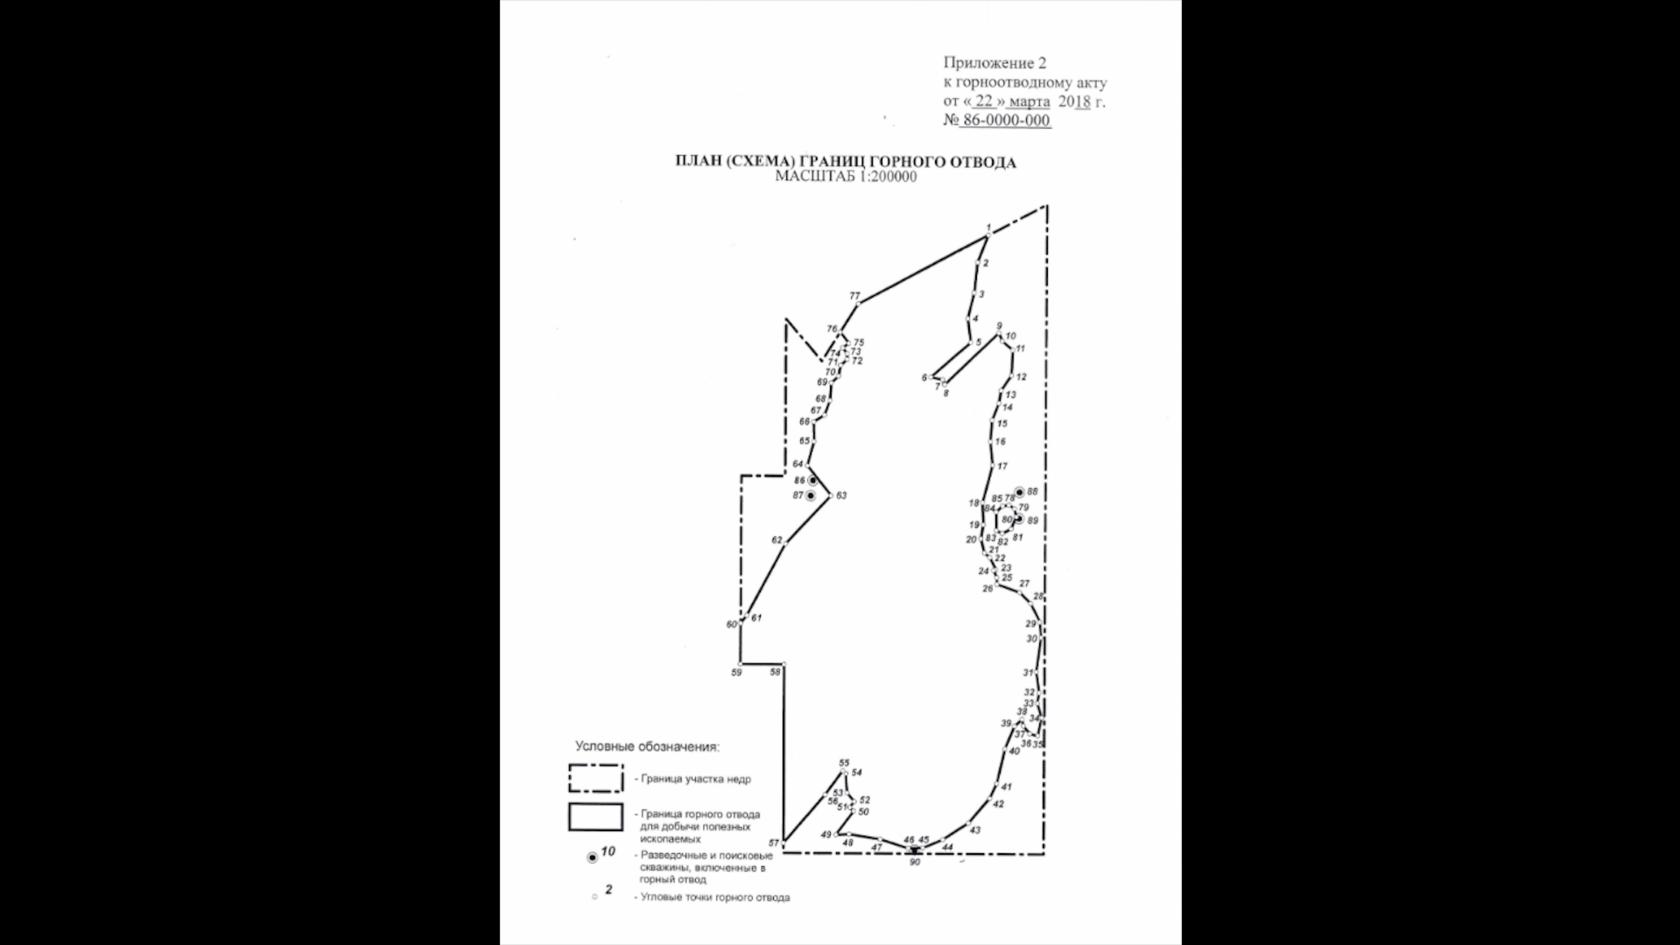 горный отвод и земельный отвод при недропользовании